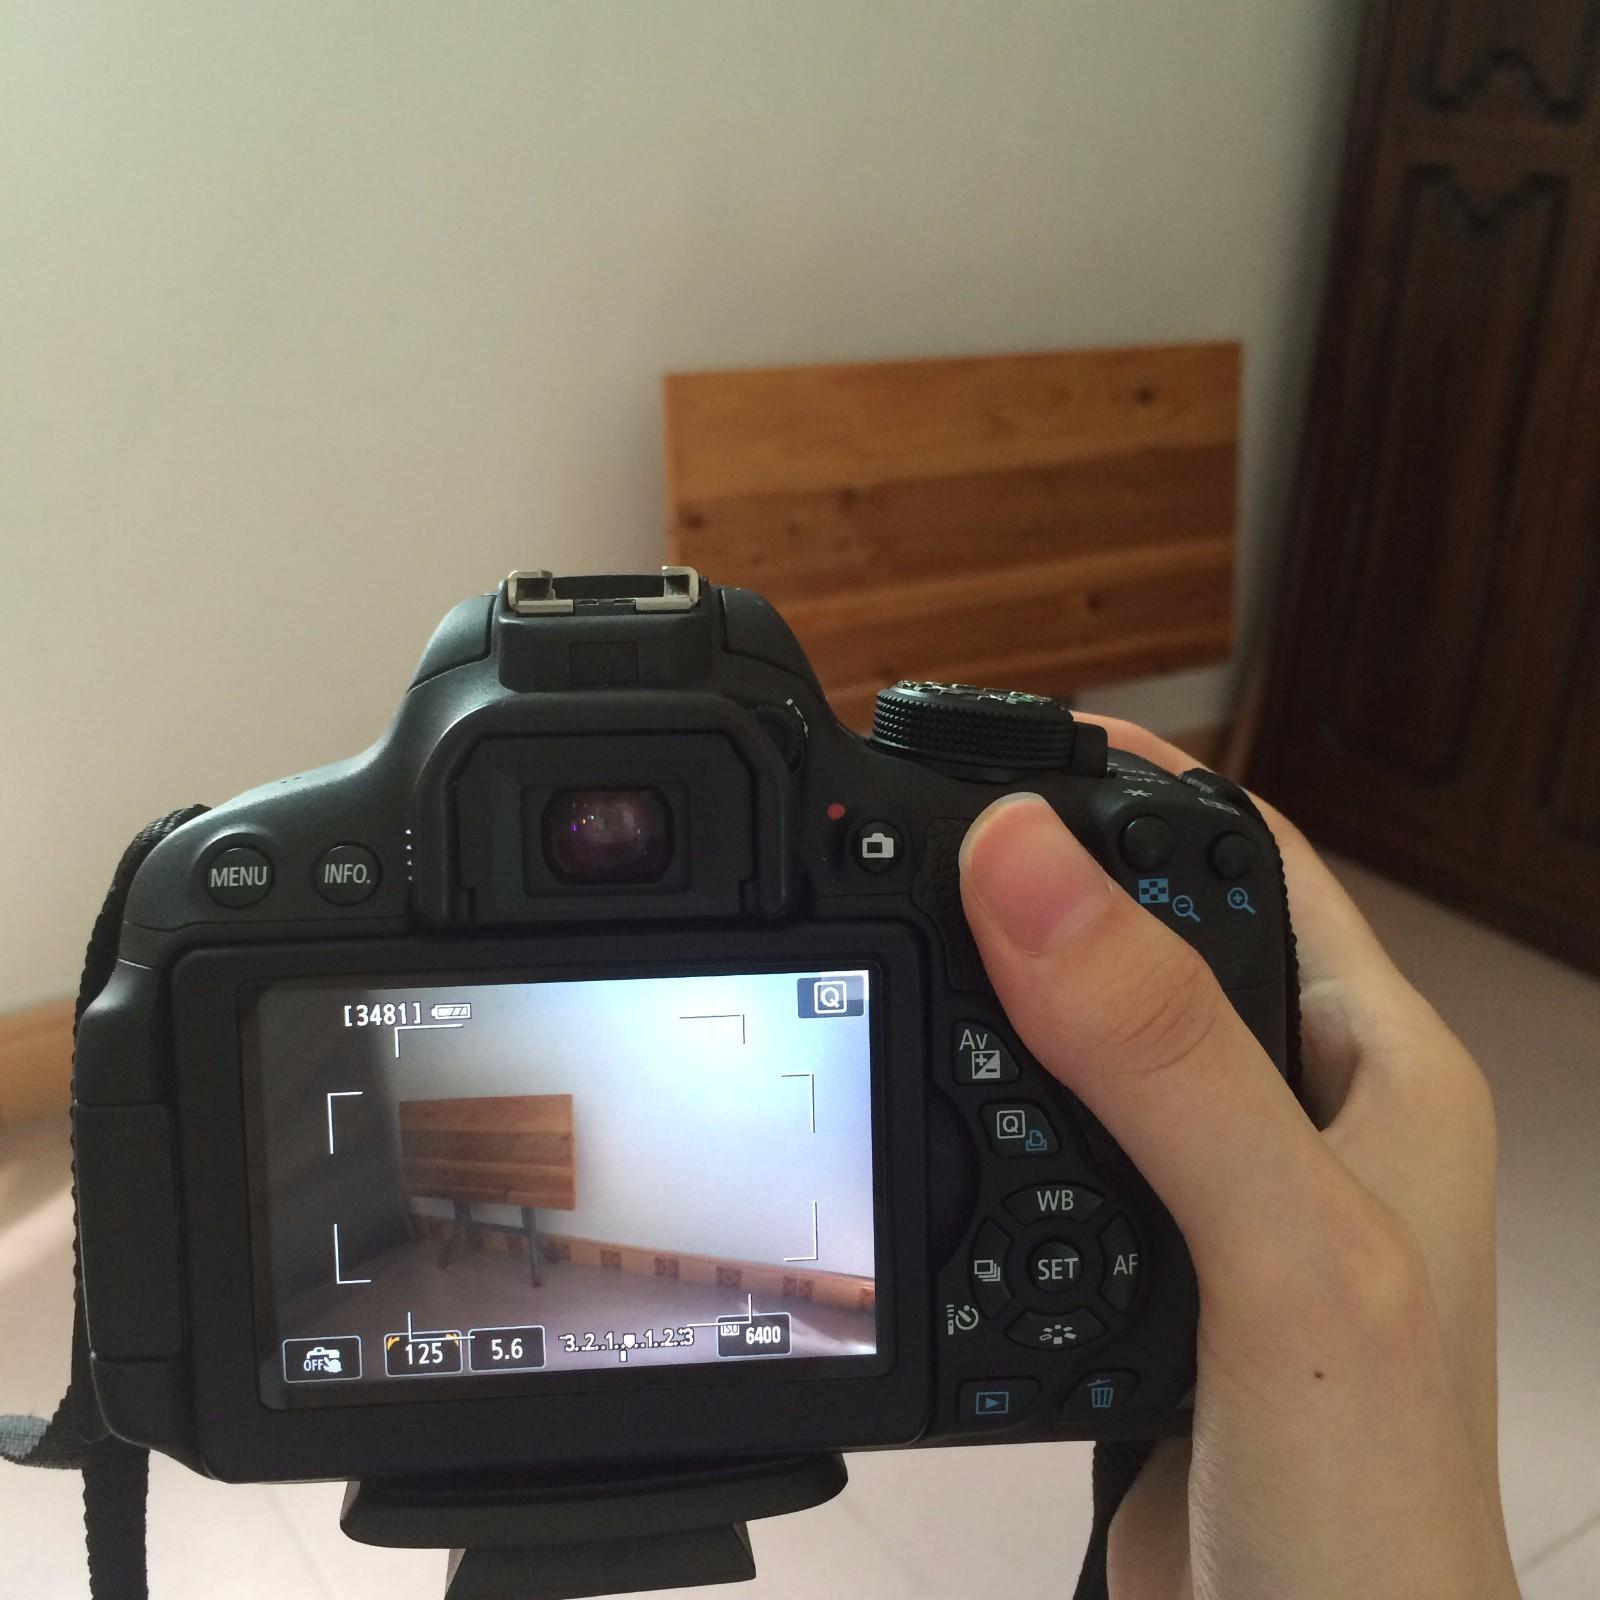 佳能700d怎么拍夜景_单反佳能700D拍出来的照片方向为什么是颠倒的?_百度知道